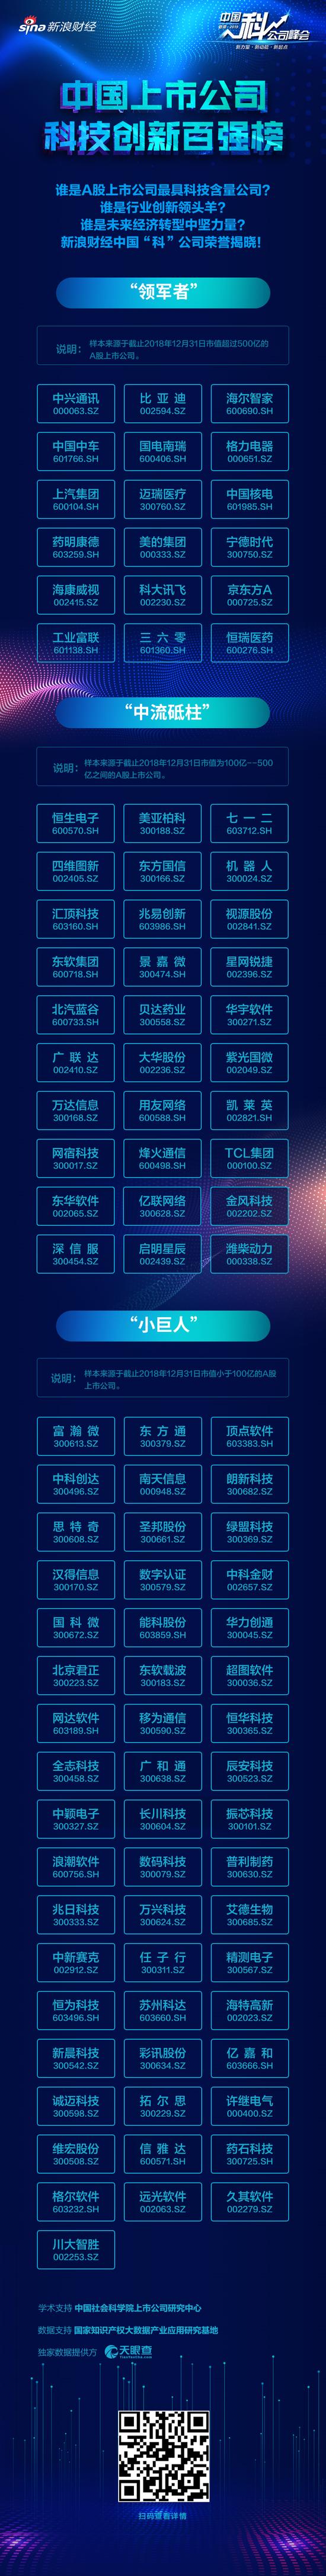 """网达软件获上市公司科技创新百强企业""""小巨人""""荣誉"""